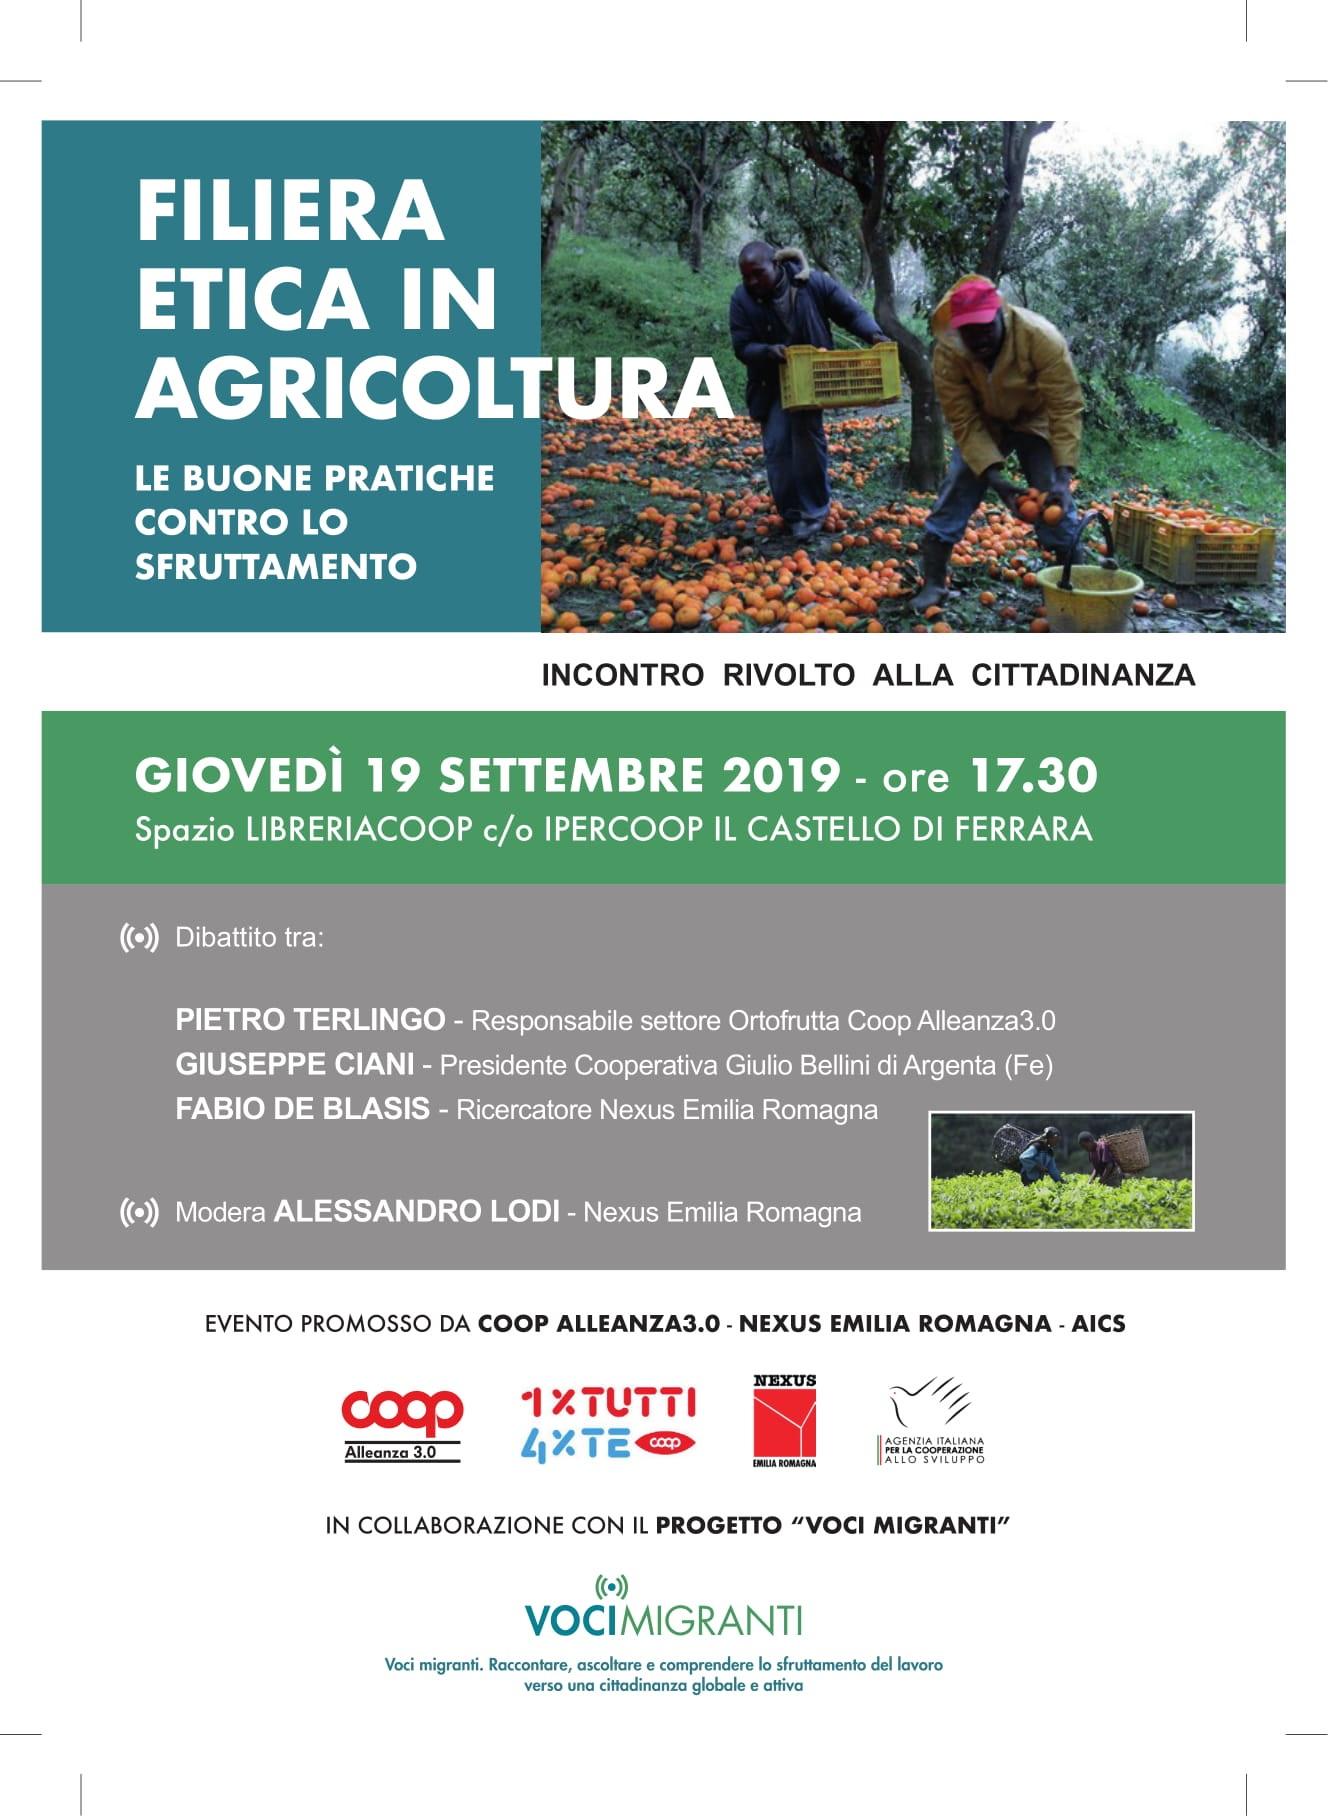 FILIERA ETICA IN AGRICOLTURA, LE BUONE PRATICHE CONTRO LO SFRUTTAMENTO, Ferrara 19/09